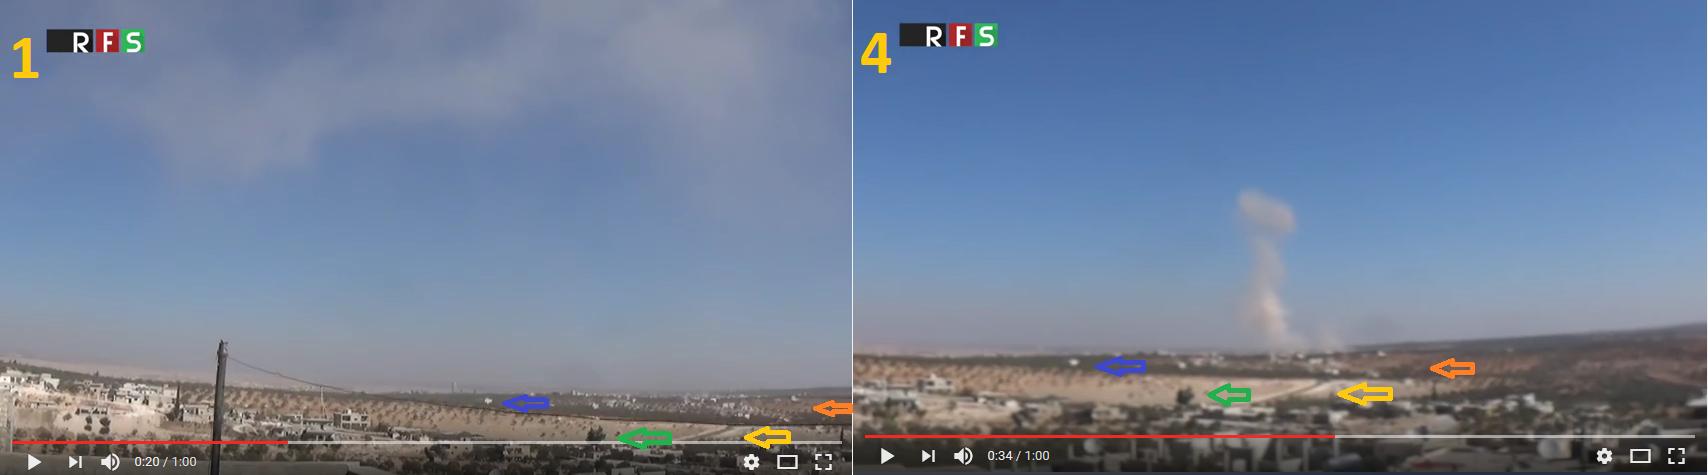 fake_luftangriff_syrien_faelschung_rfa_wolken_flugzeug_blauer_himmel